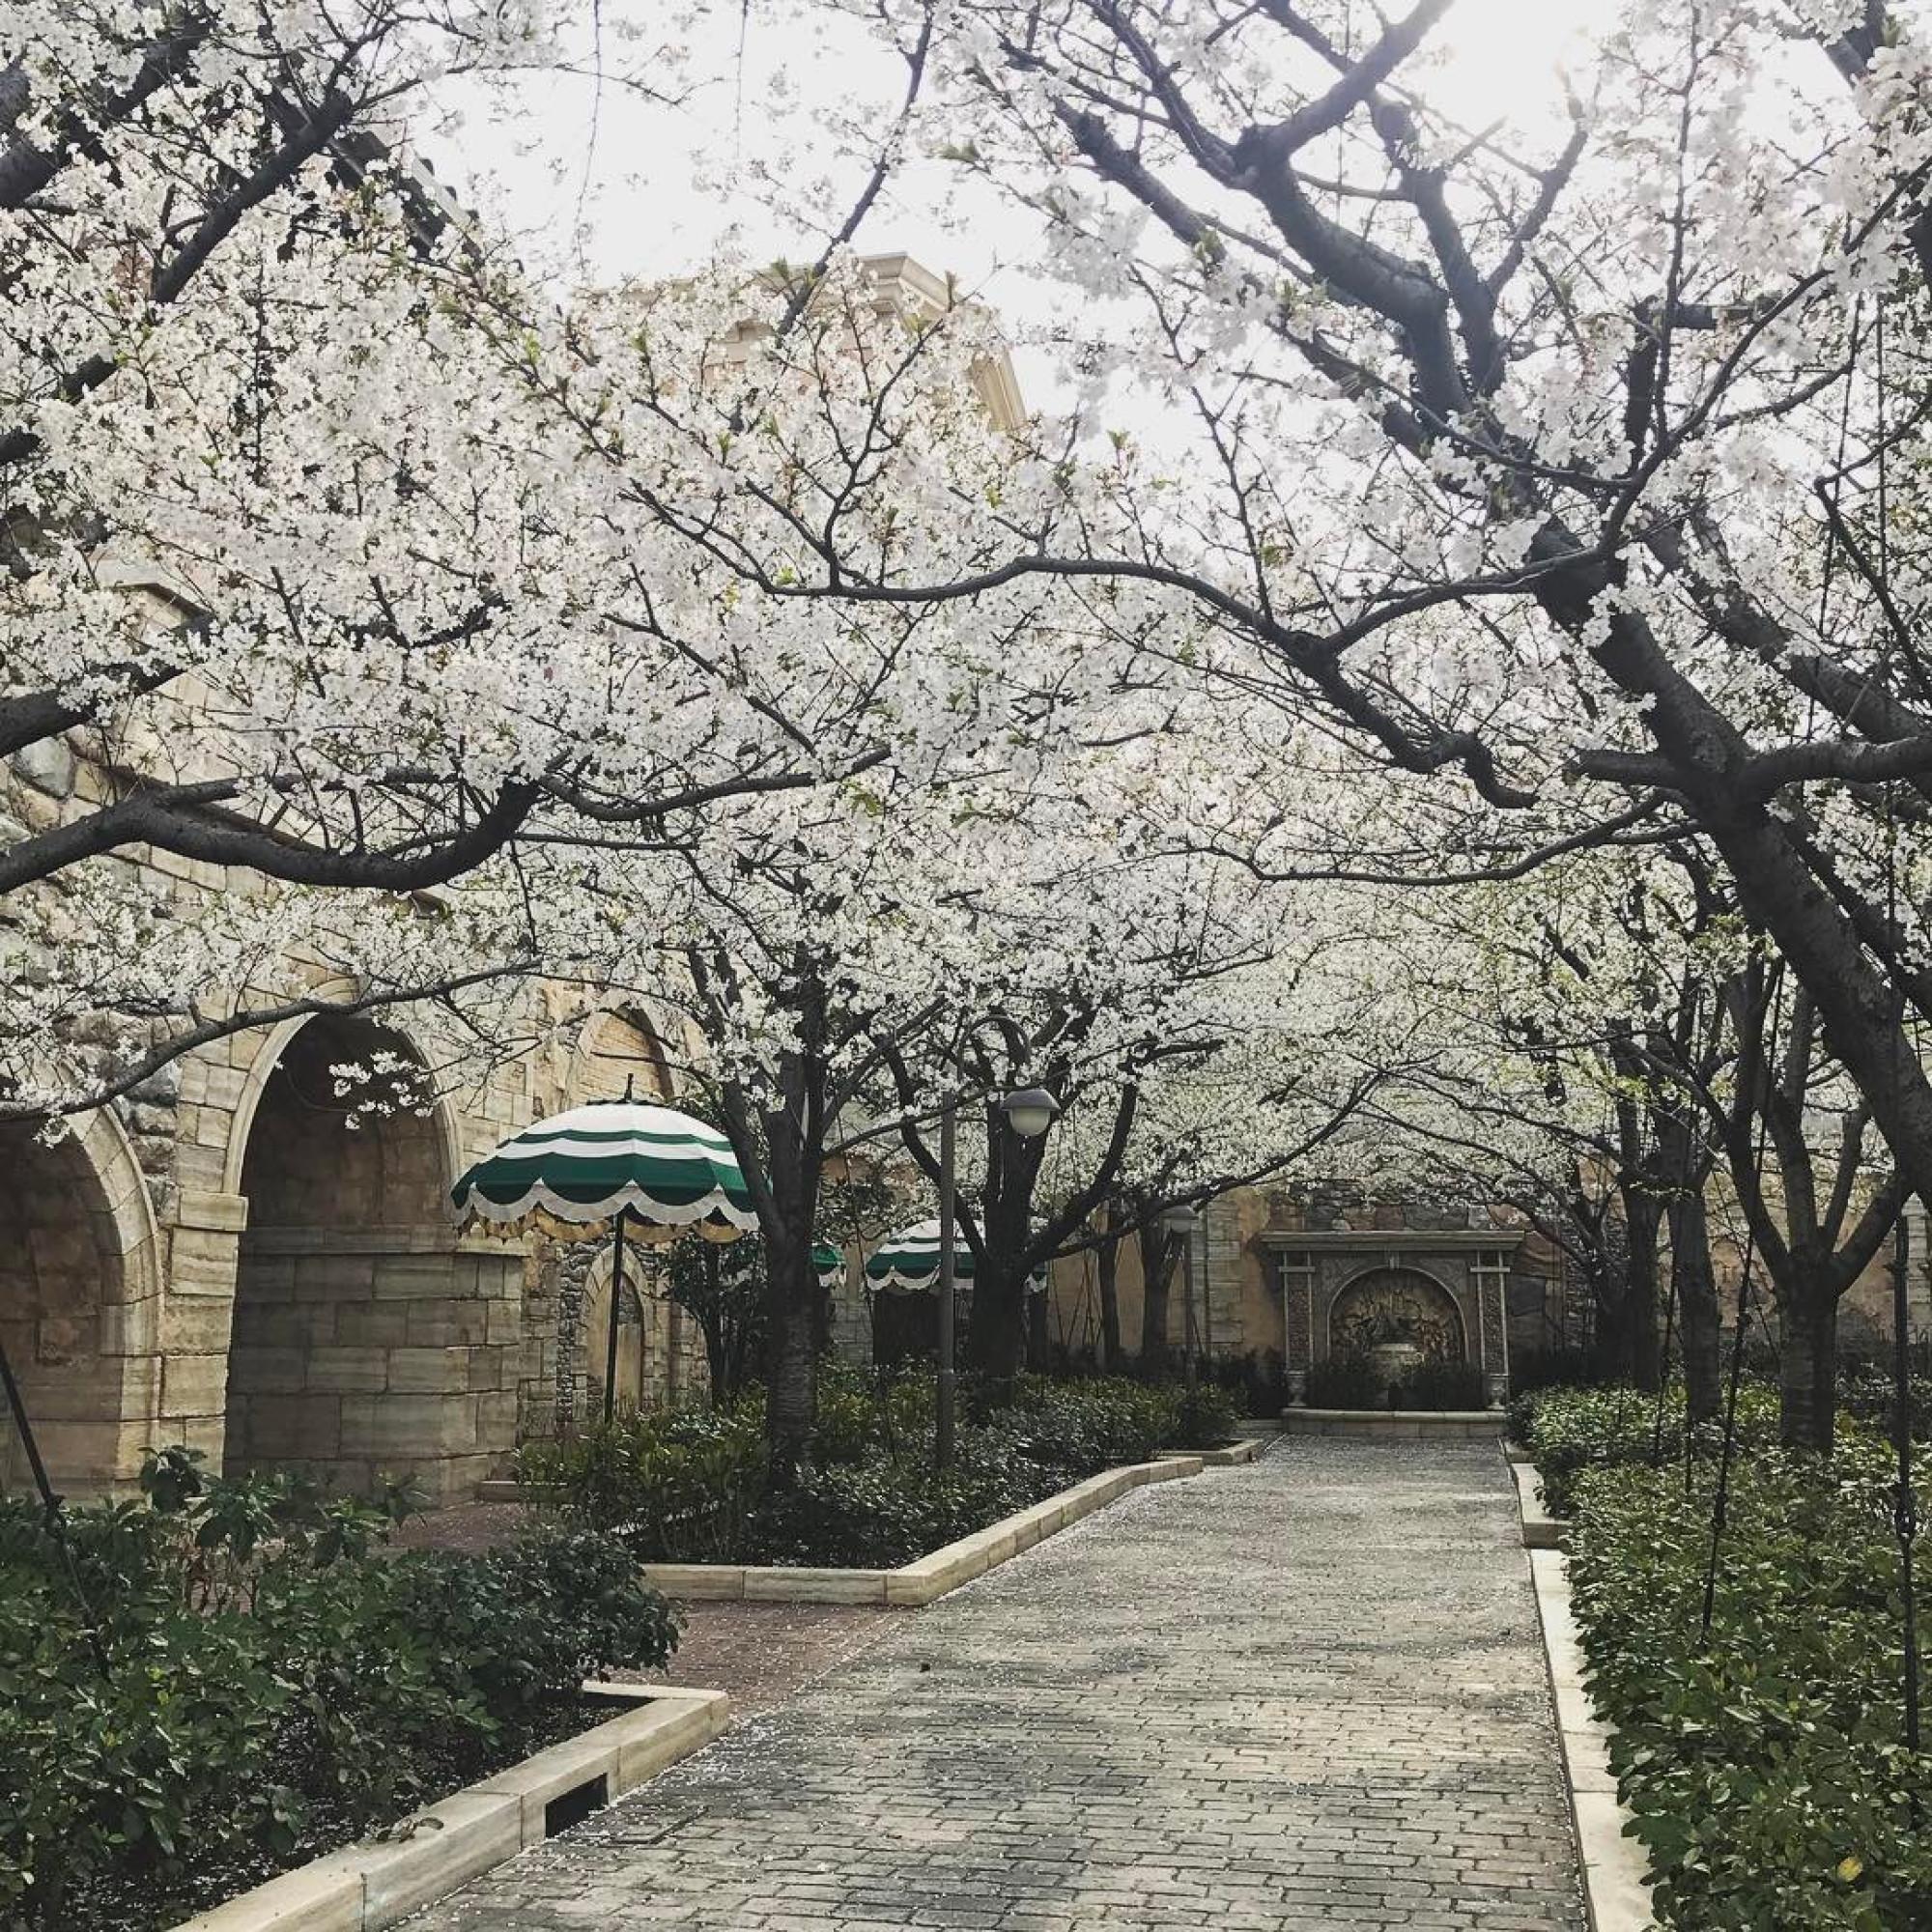 桜がきれいなピクニックエリア